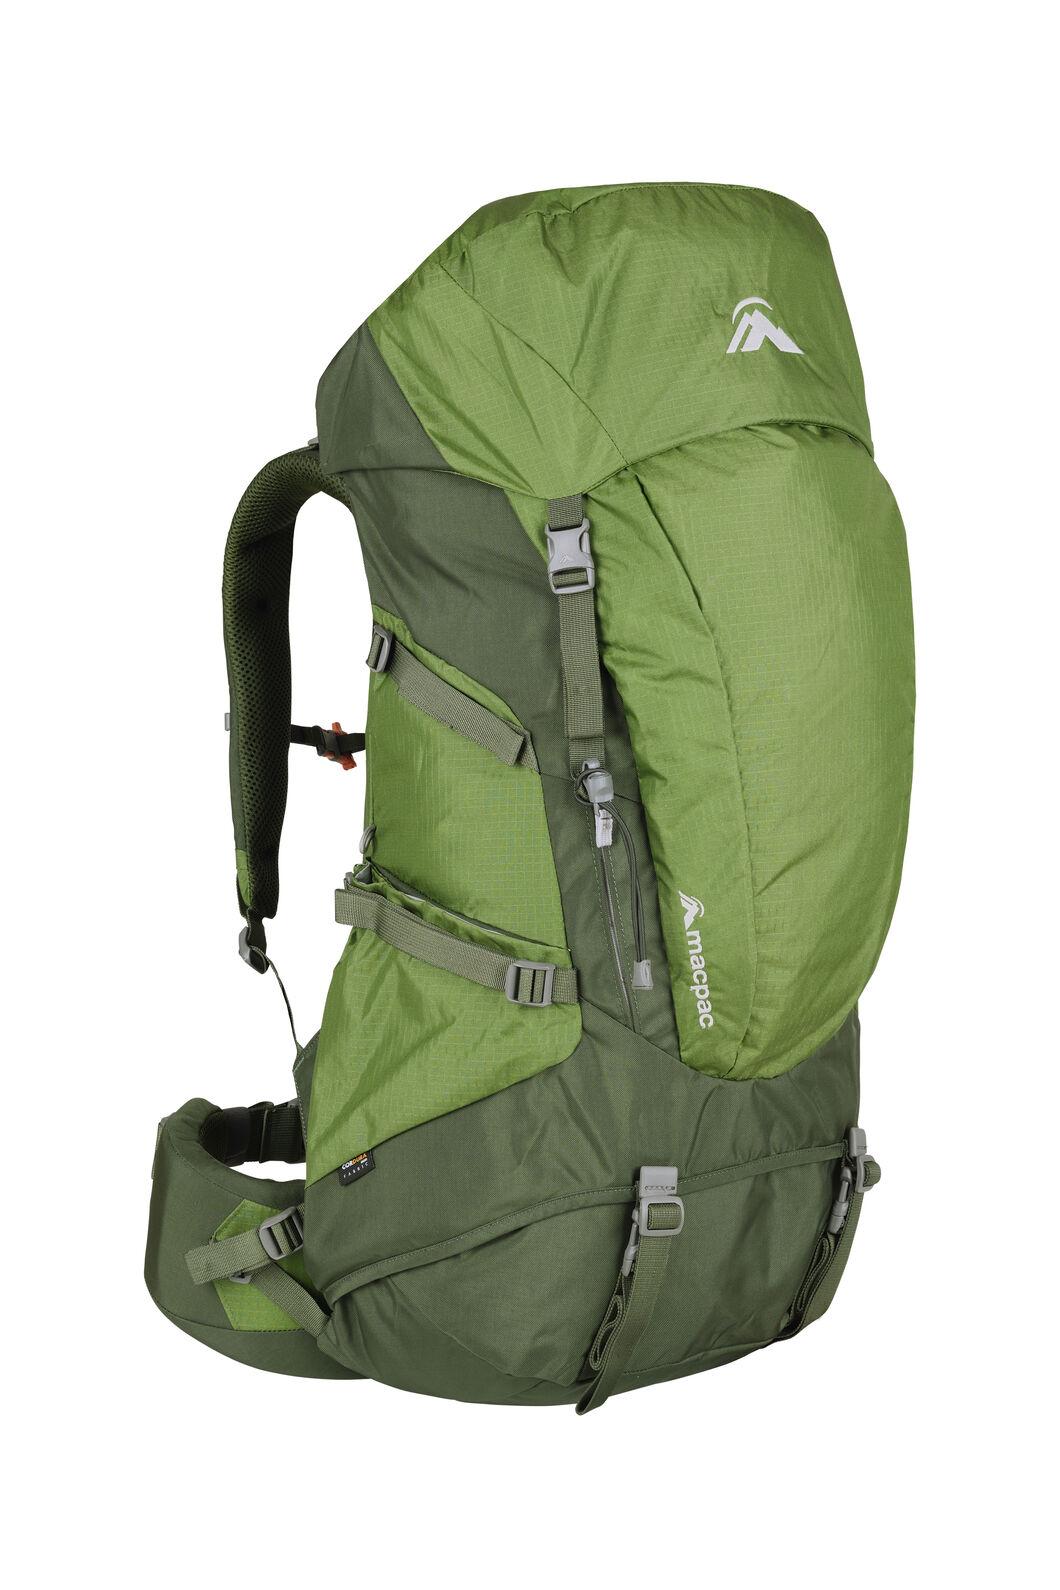 Torlesse 50L Hiking Pack, Cactus, hi-res